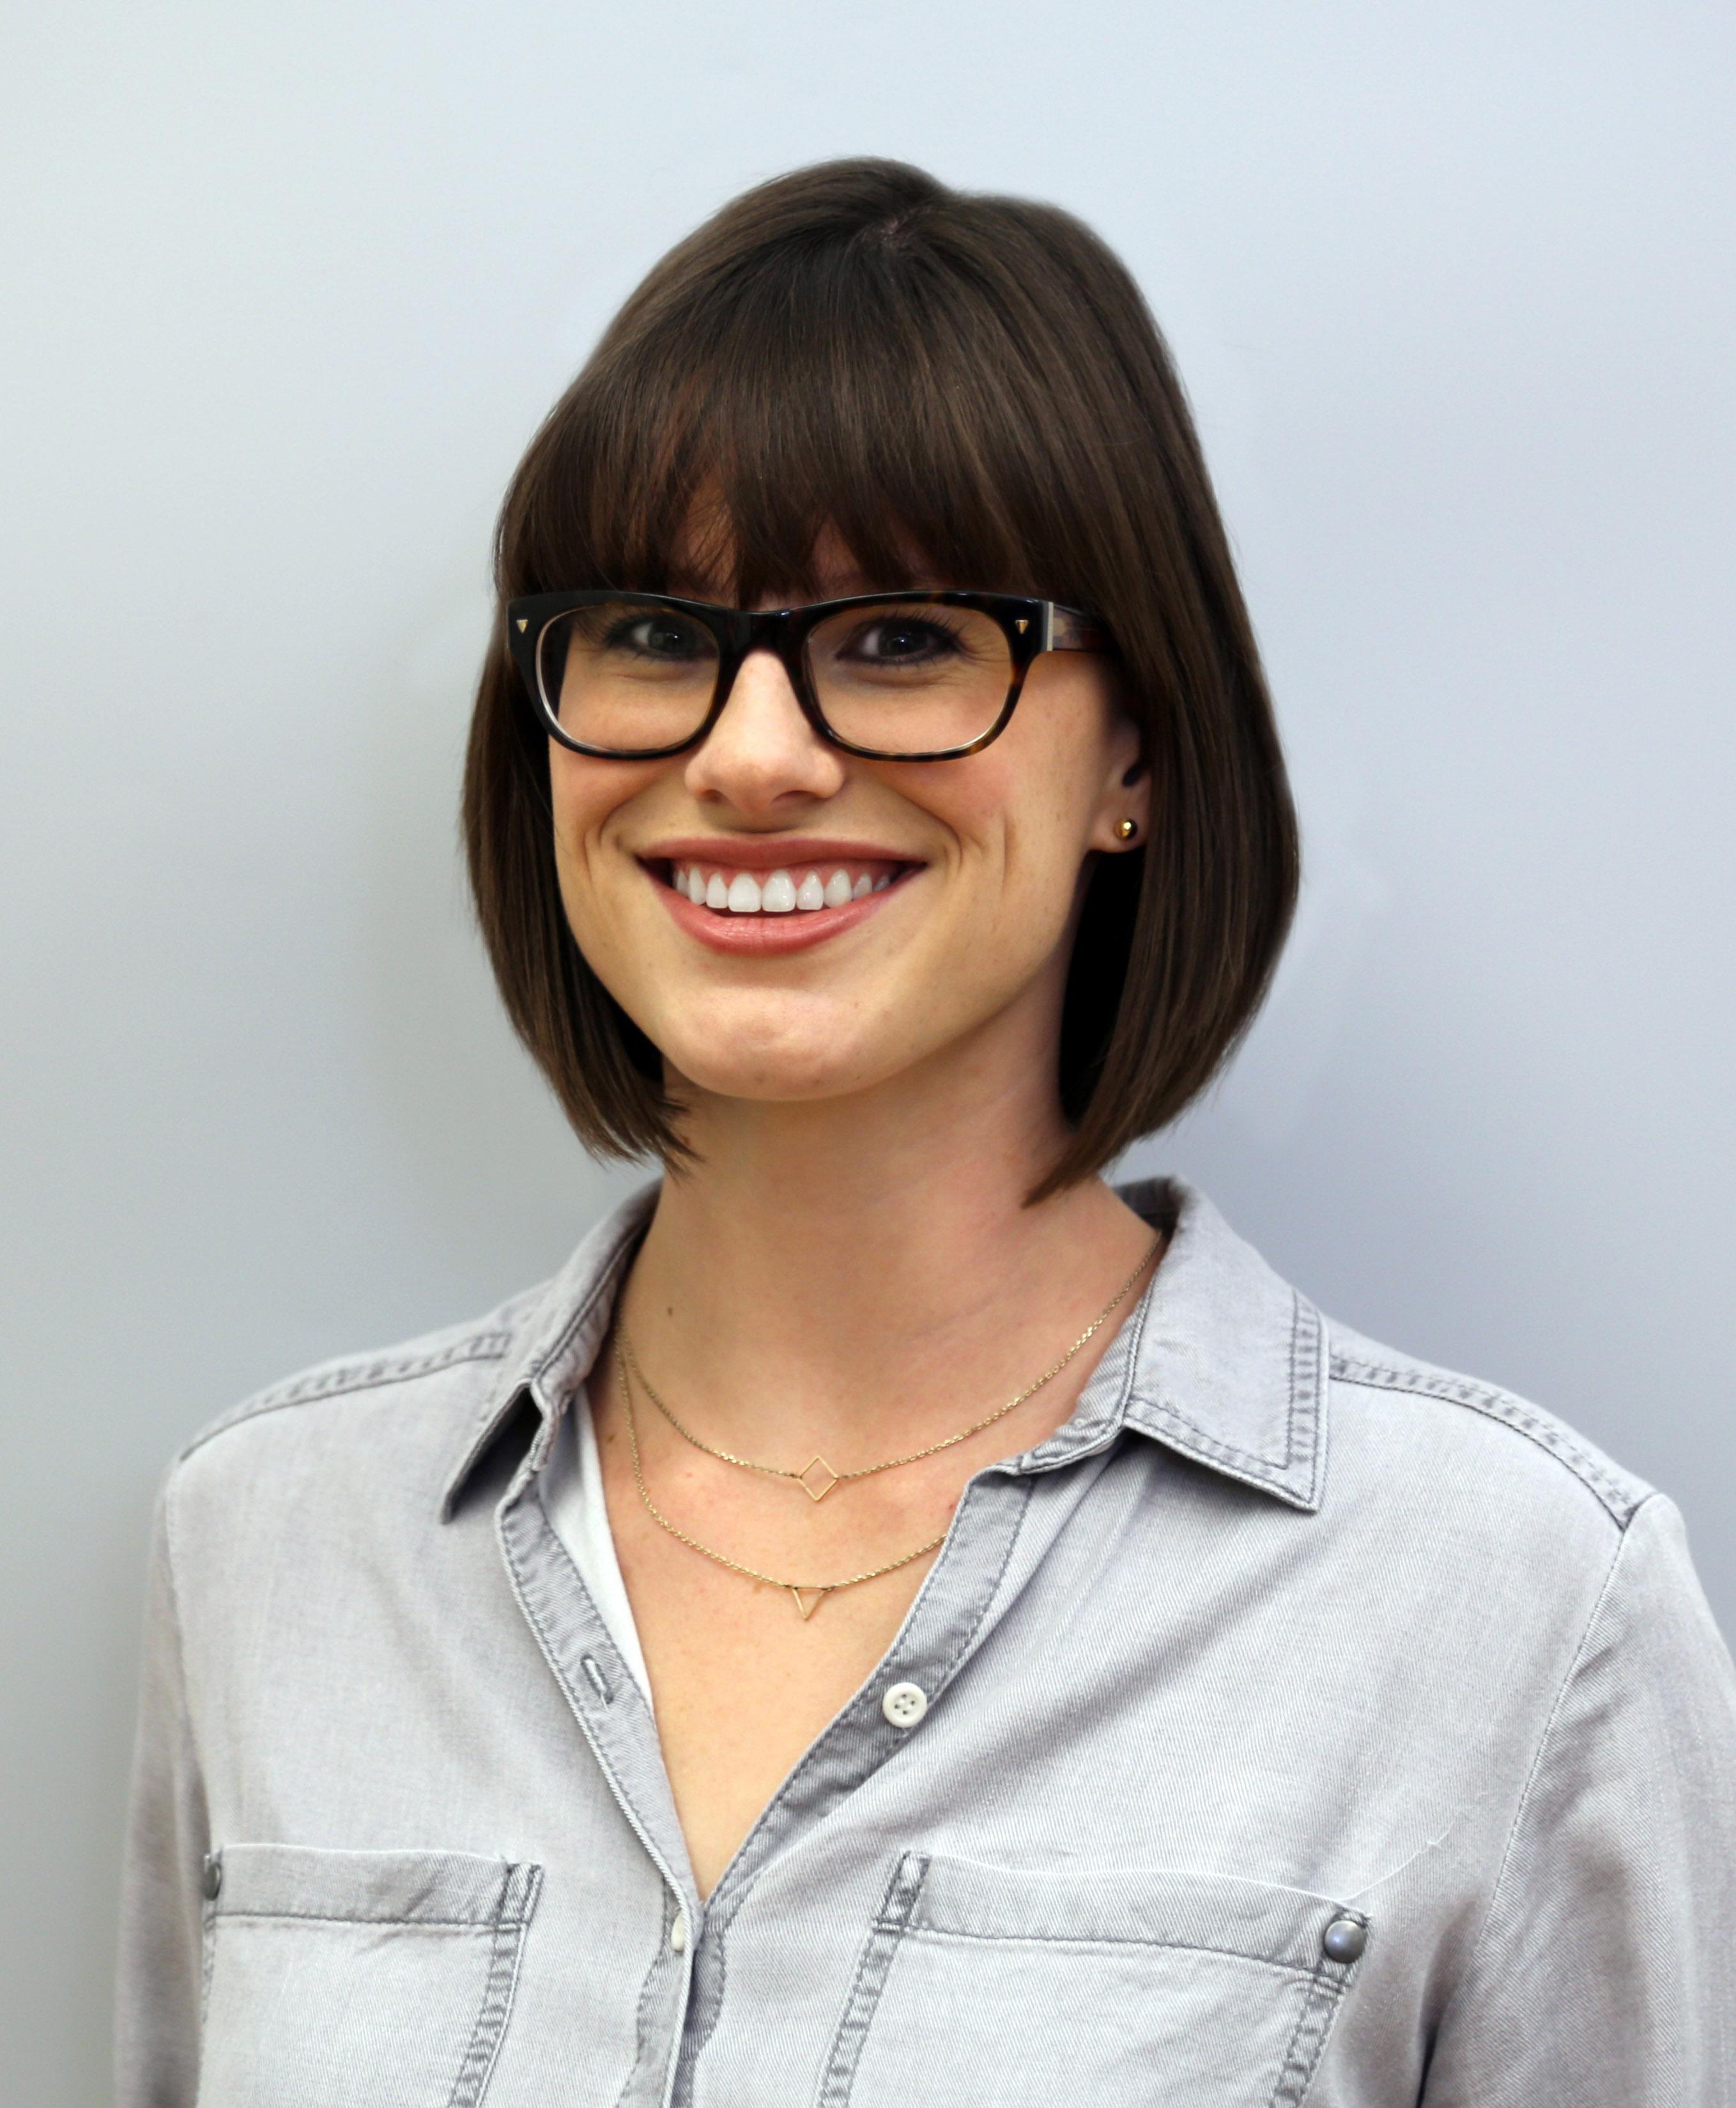 Kristen Bushnell Perez - Vice President - Creative Synchronization